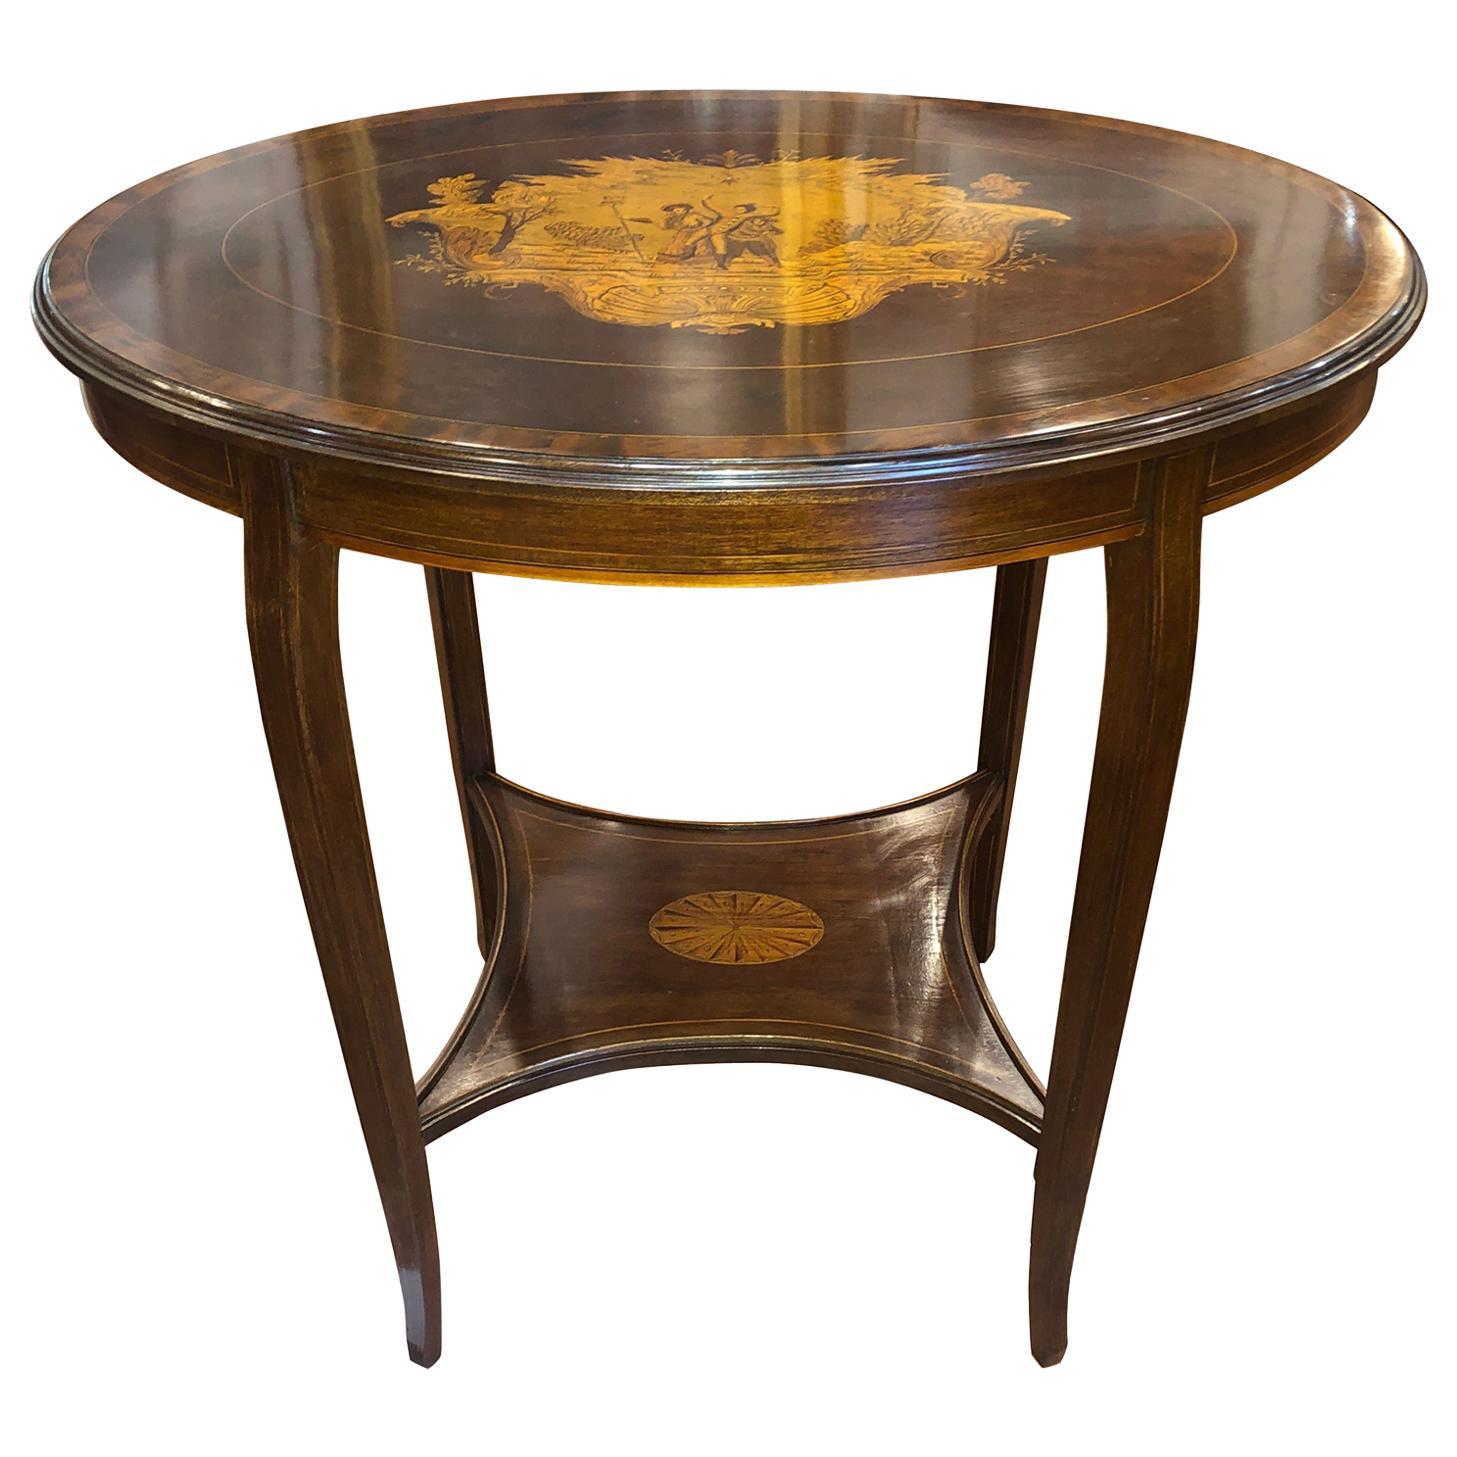 19th Century English Victorian Mahogany Inlay Side Table 1890s